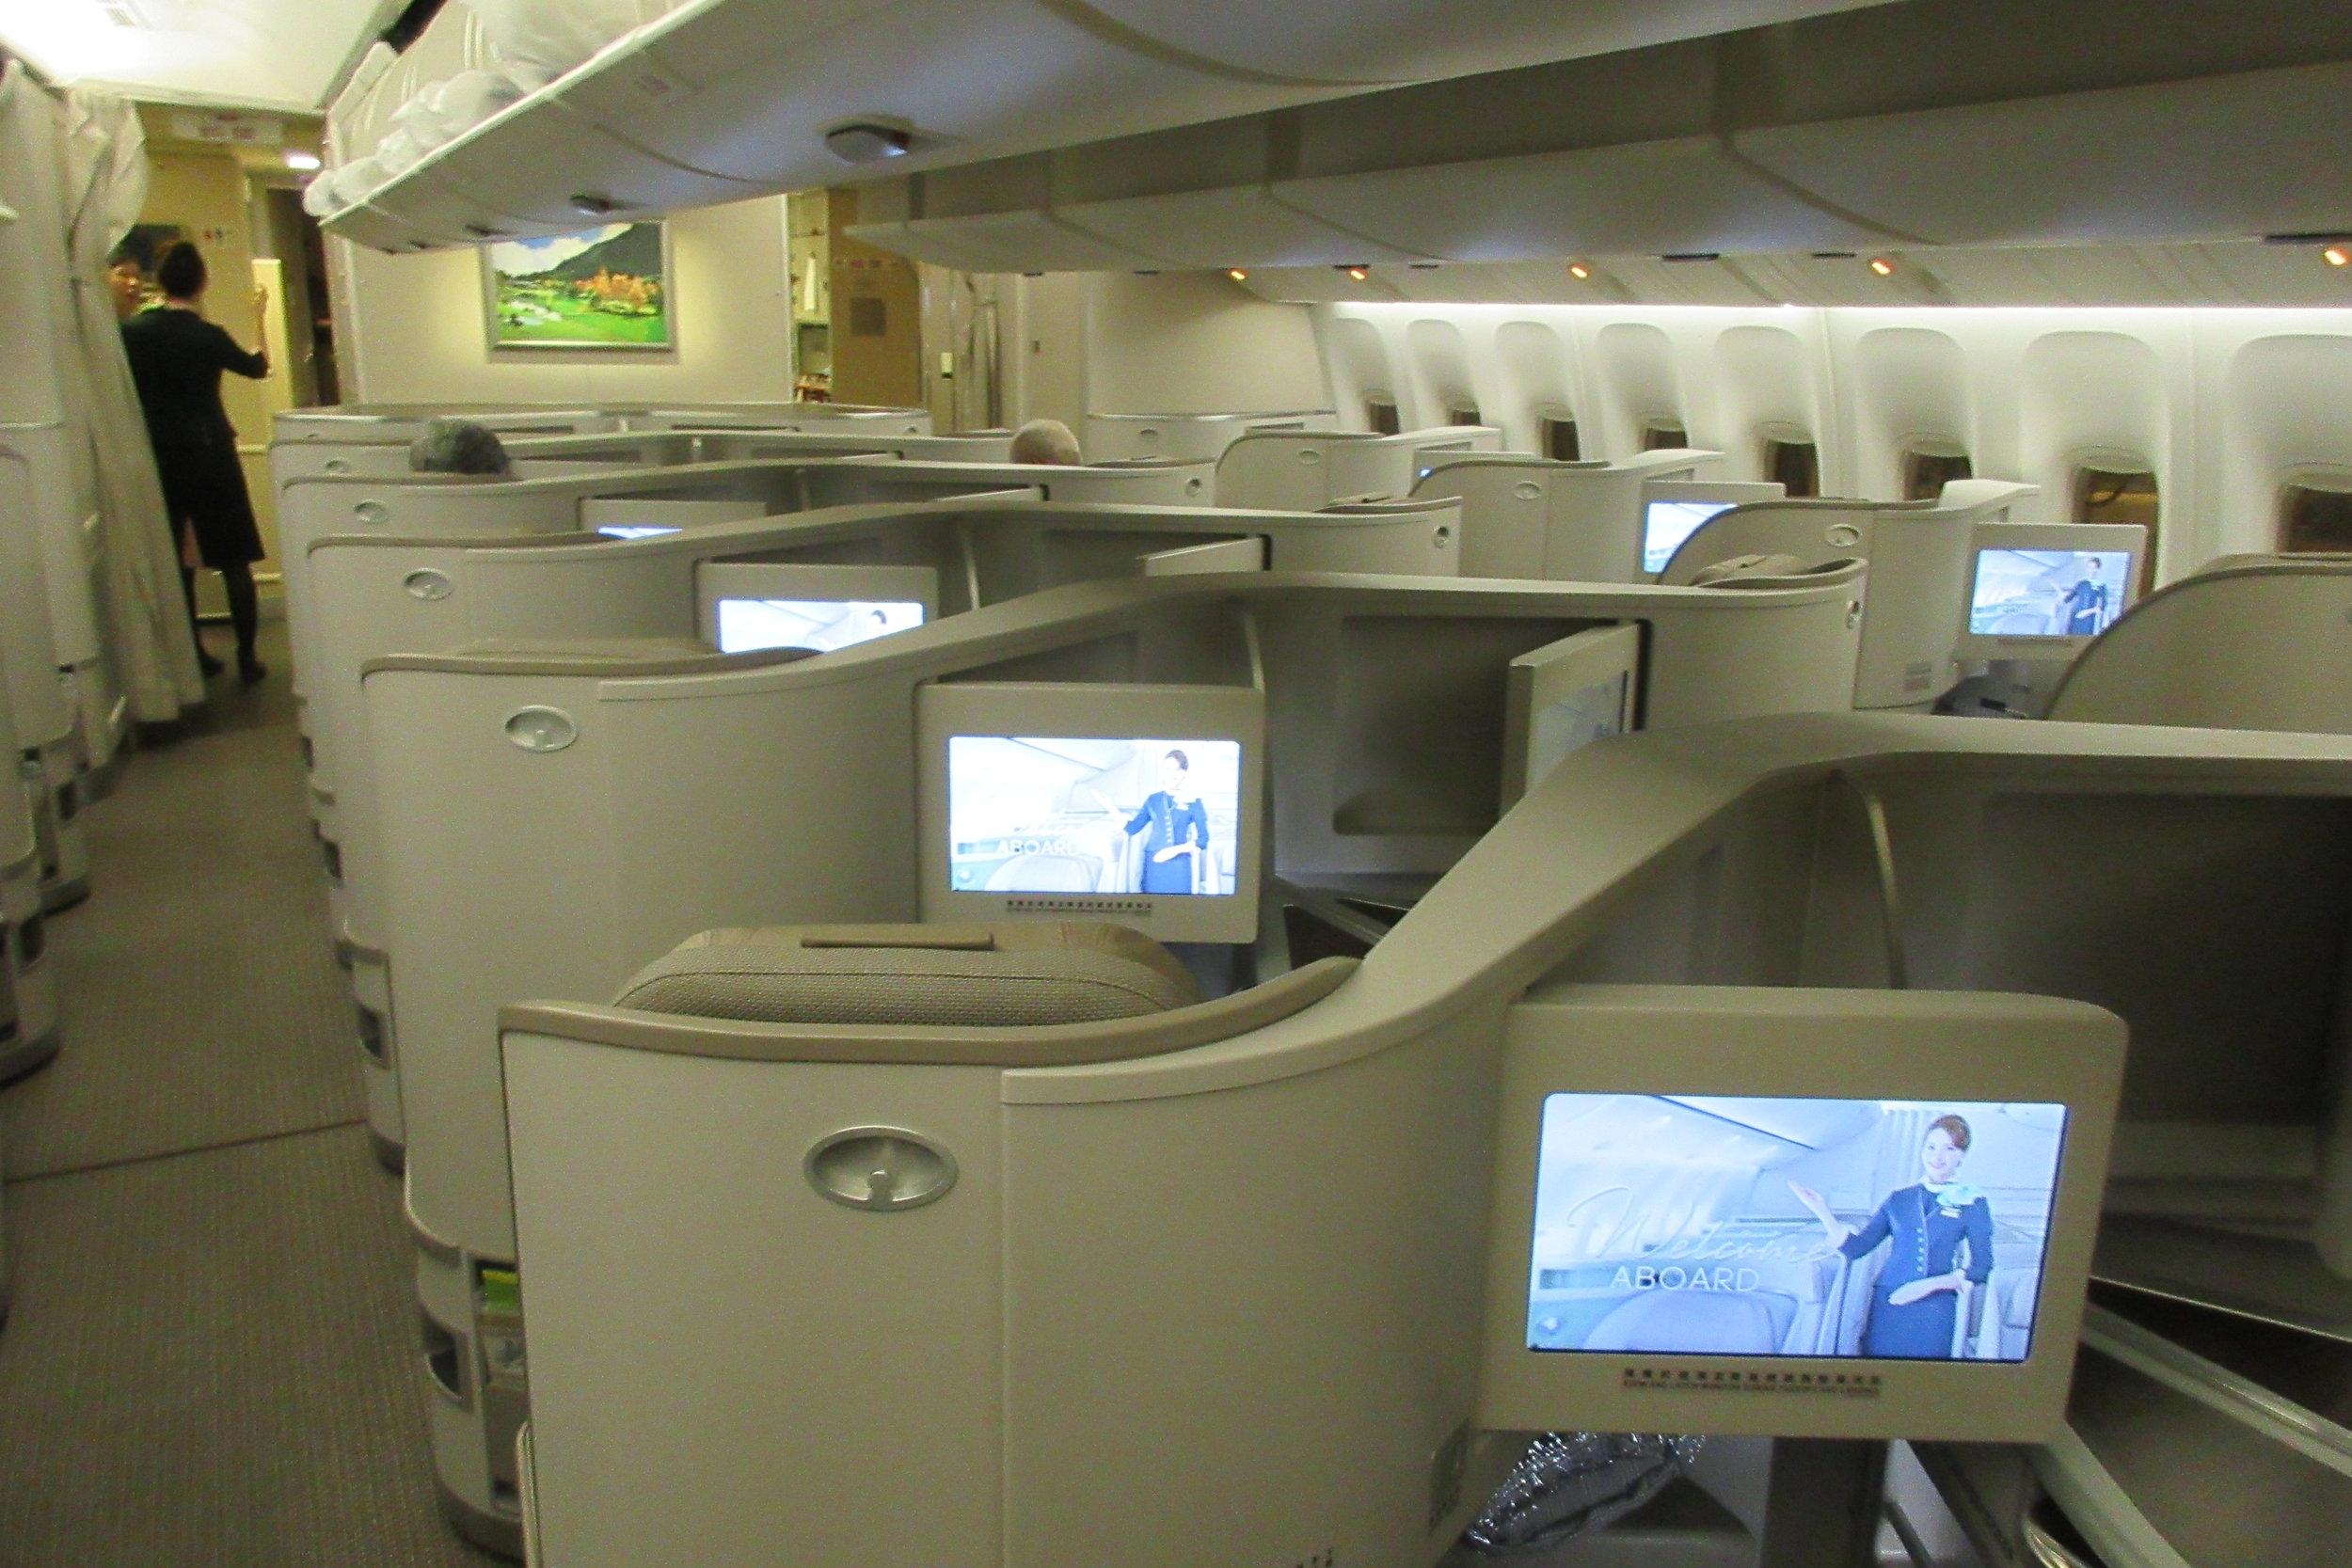 EVA Air business class Toronto to Taipei – Cabin